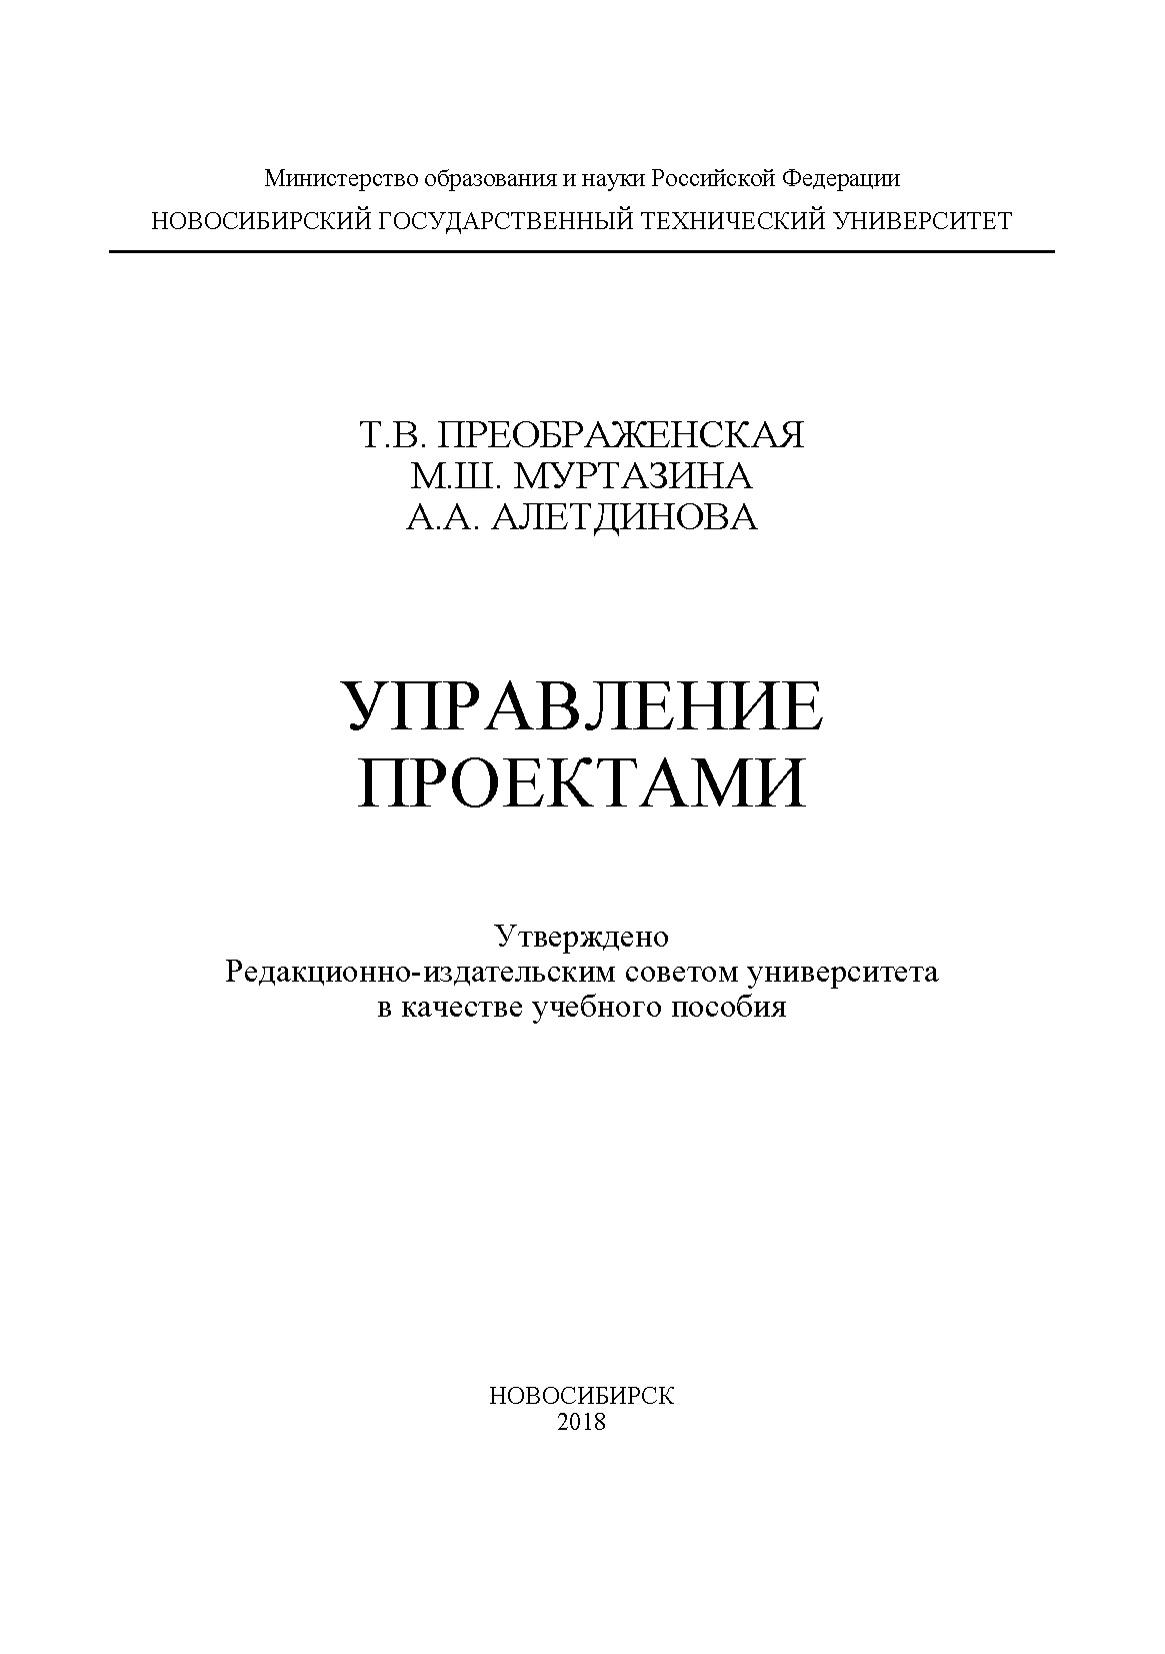 купить А. А. Алетдинова Управление проектами по цене 145 рублей